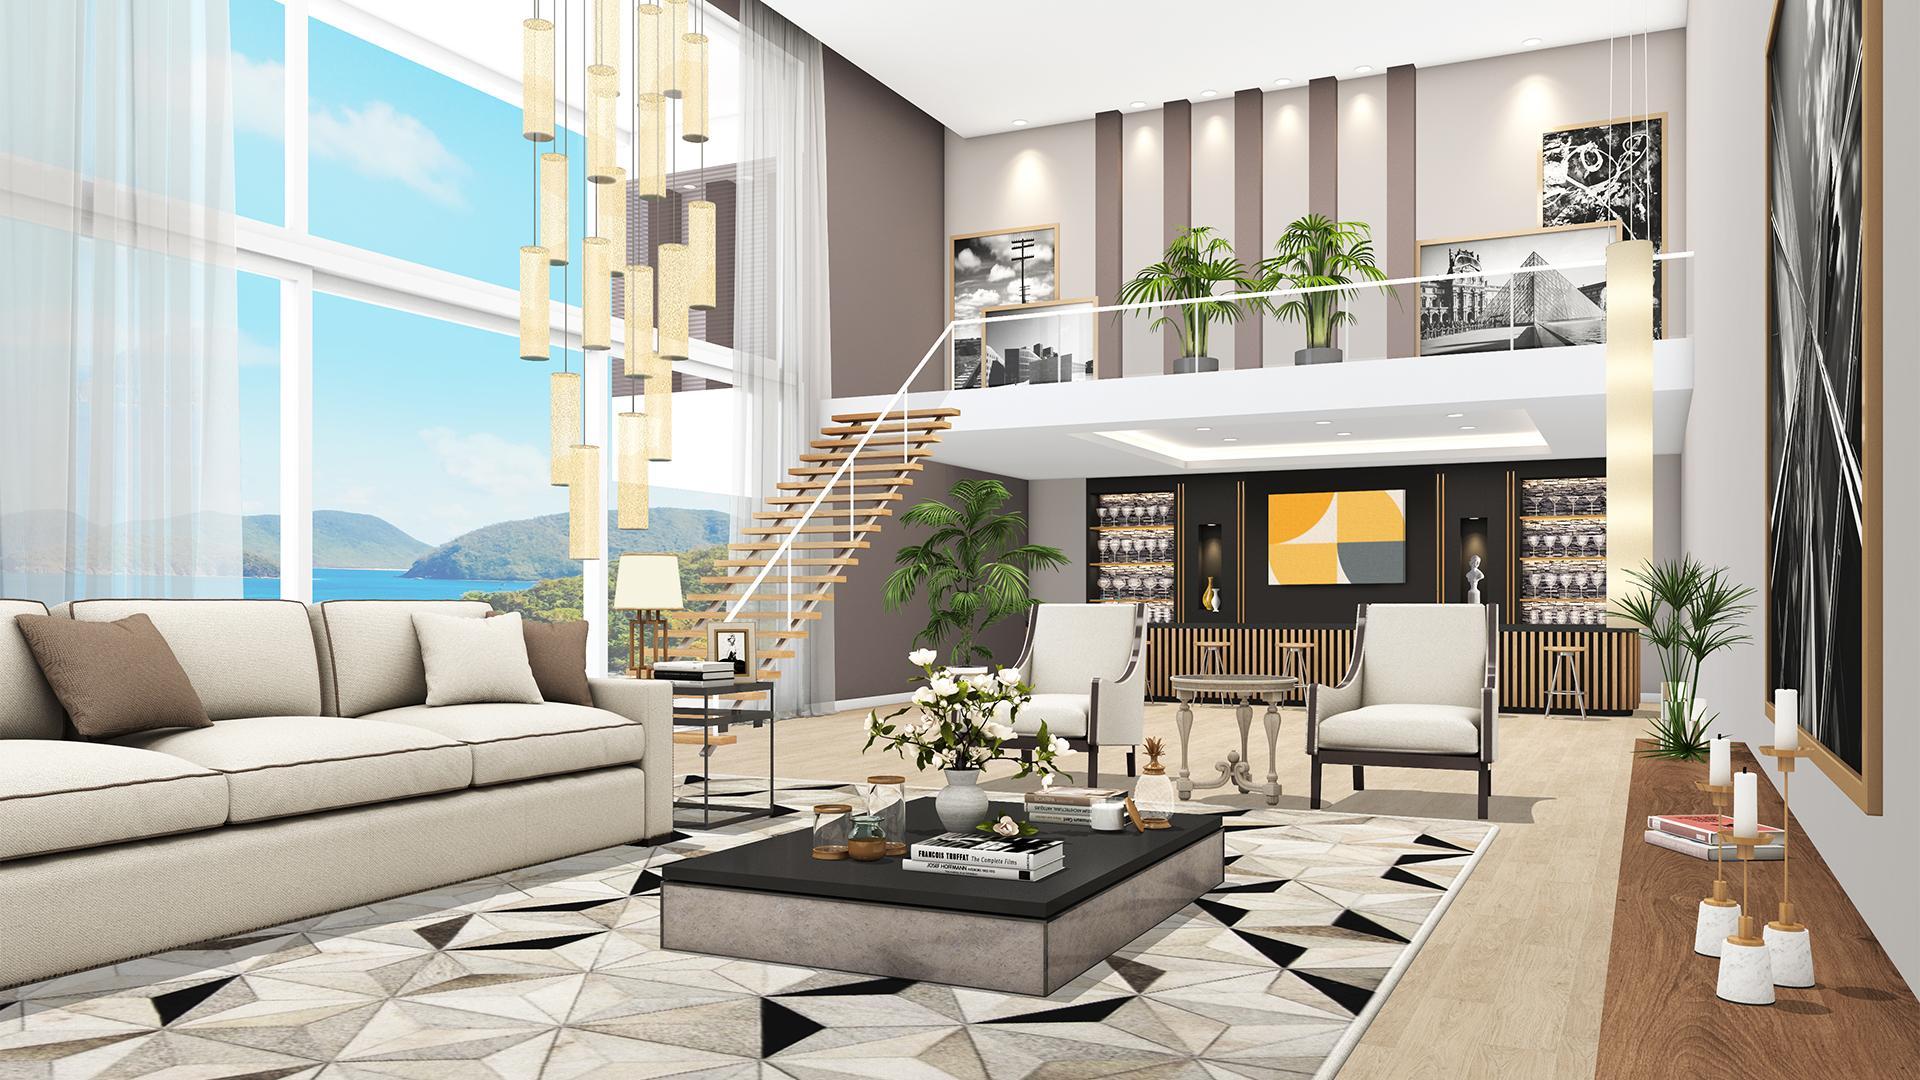 Home Design  Caribbean Life für Android   APK herunterladen